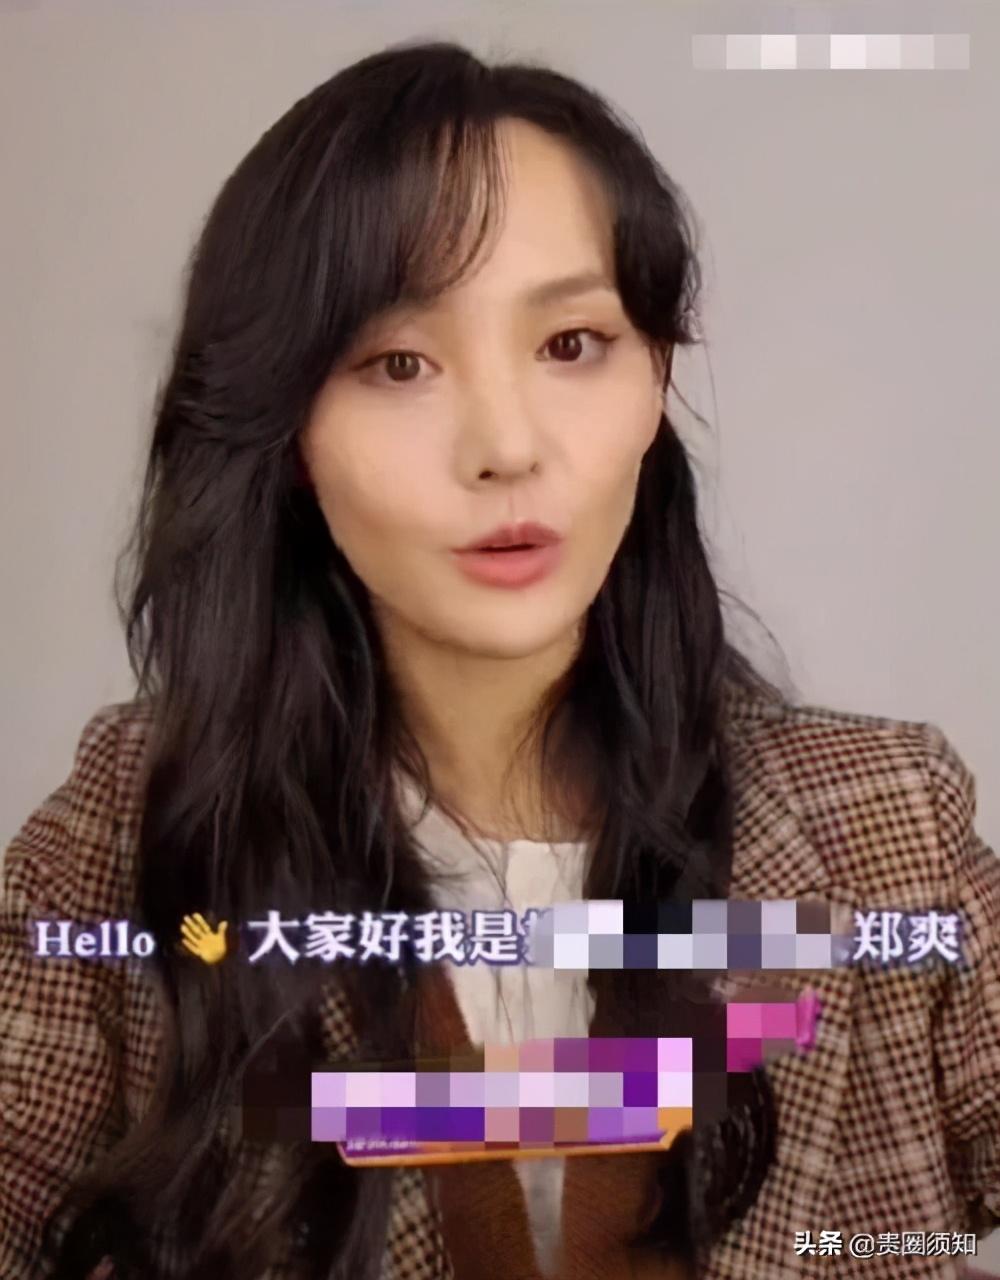 郑爽为品牌录视频憔悴显老,脸颊凹陷法令纹明显,发际线快到头顶